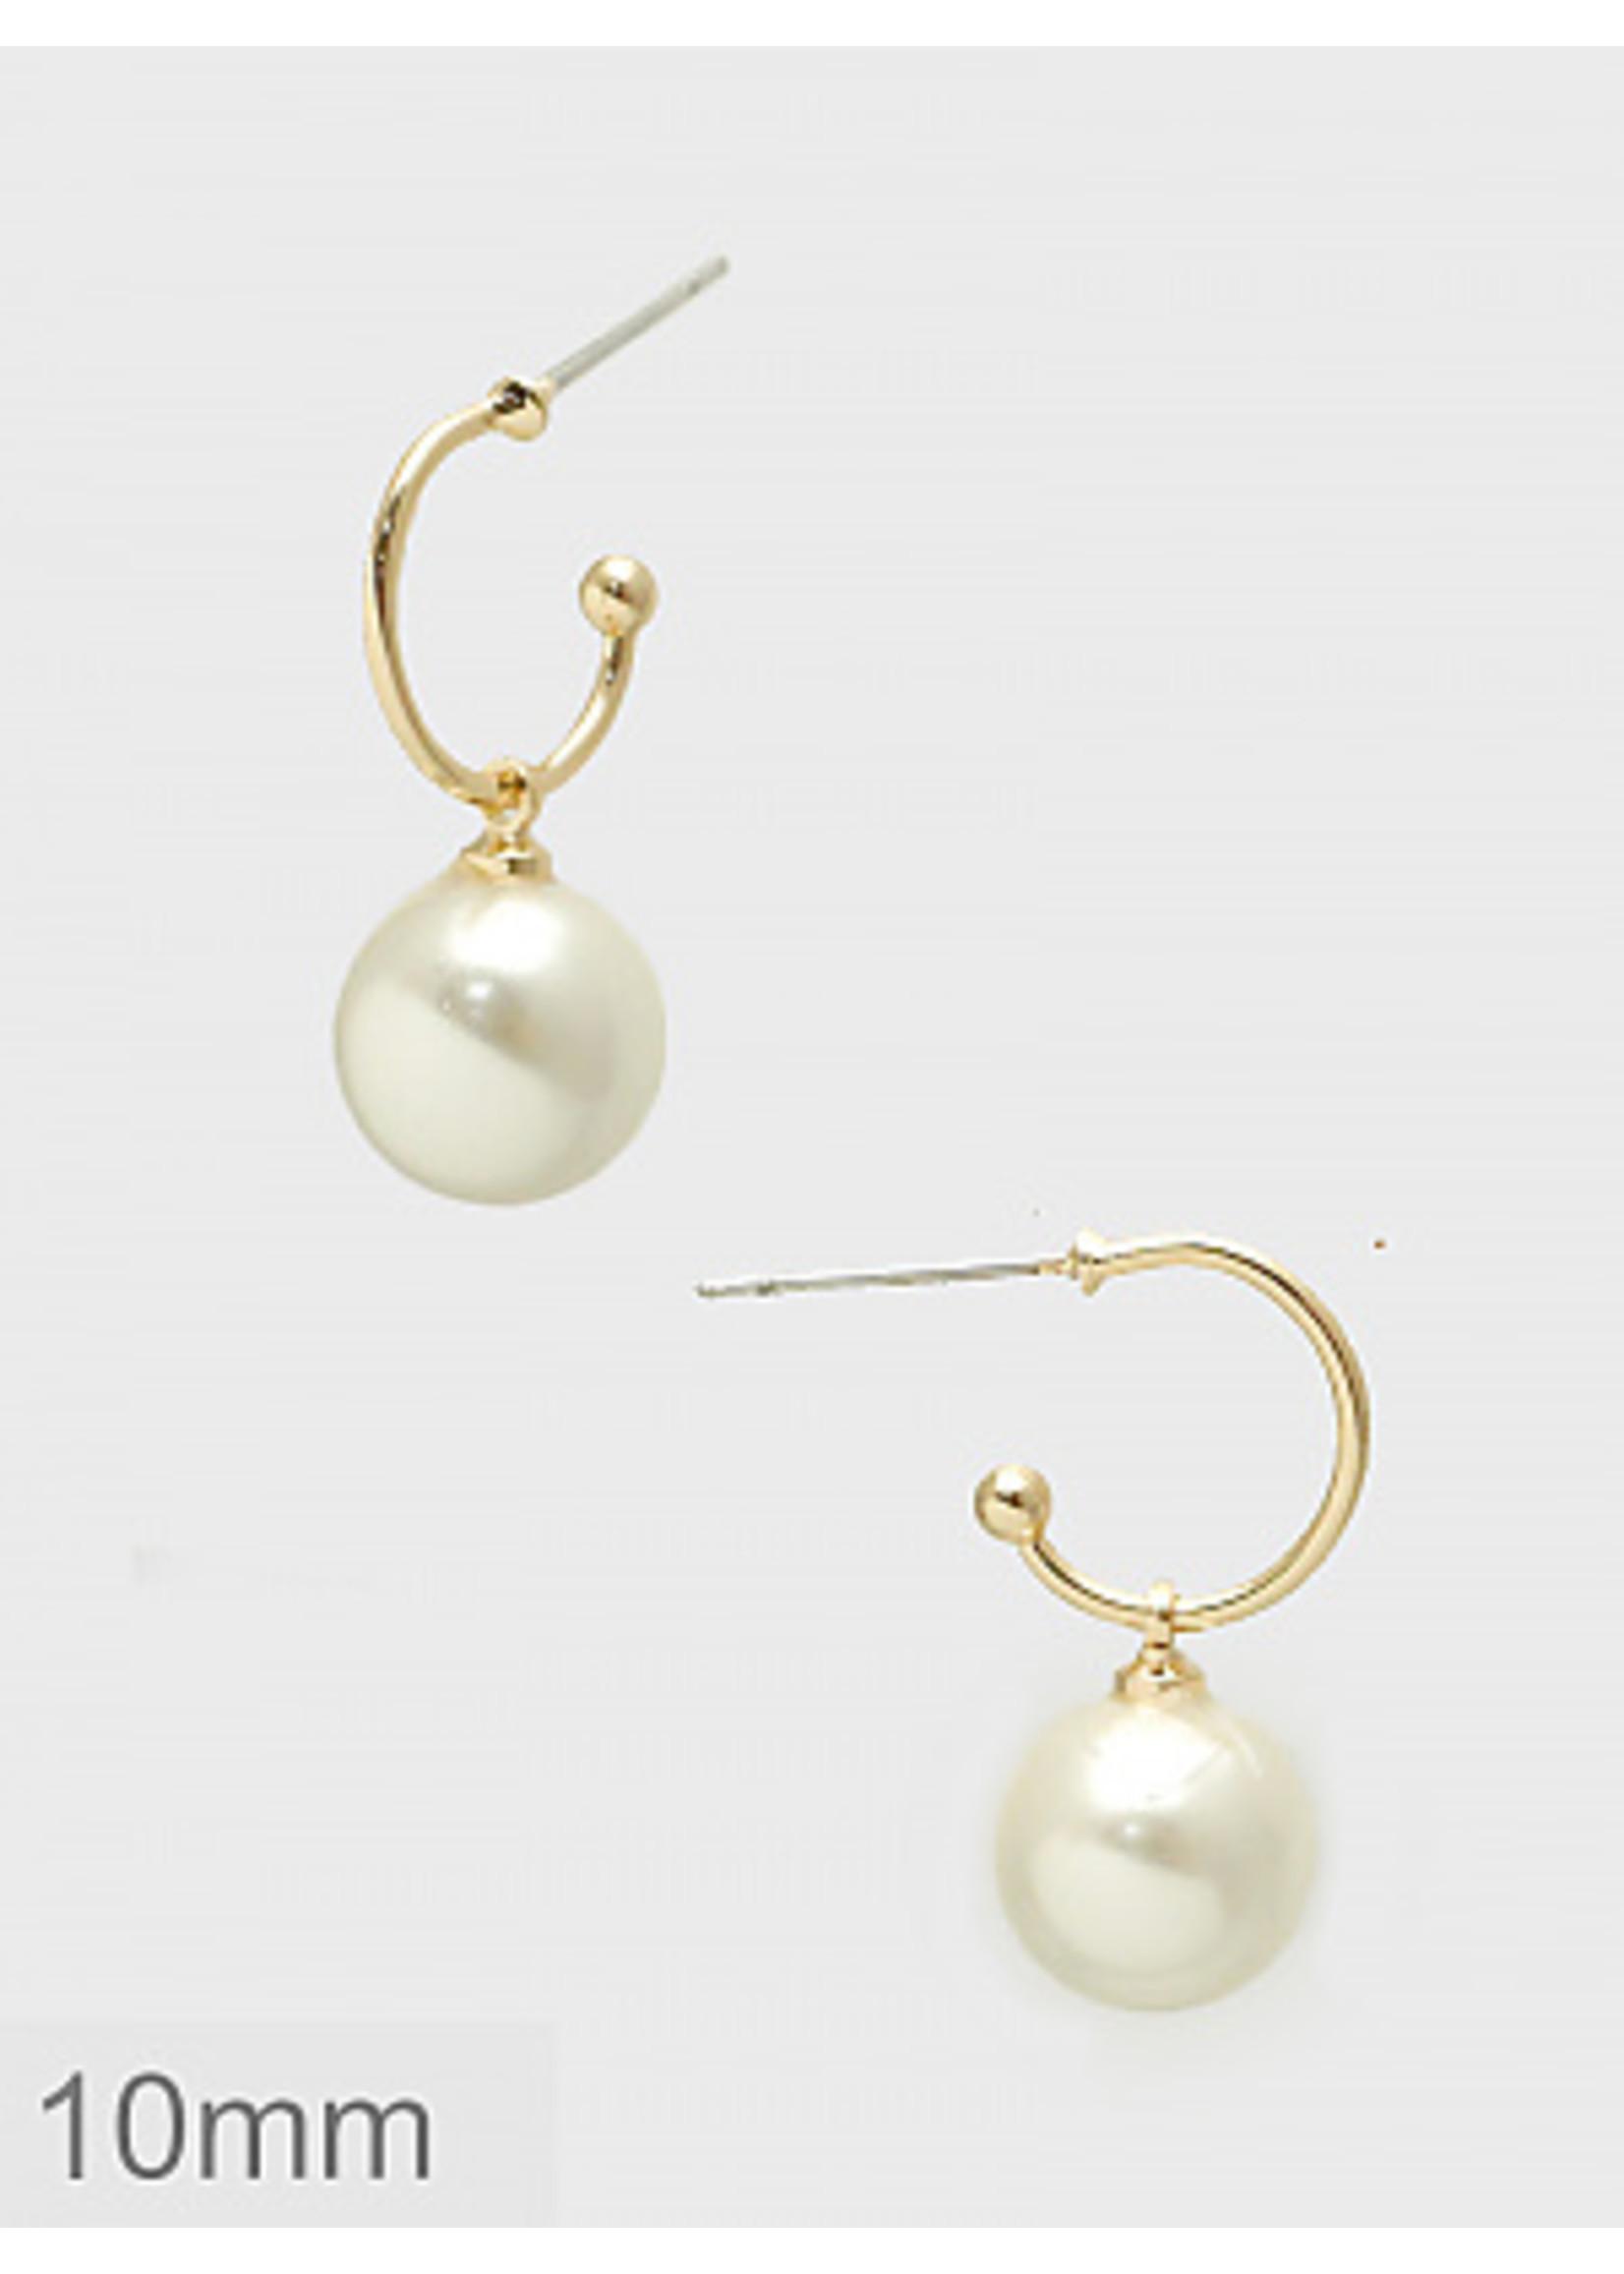 10mm Pearl Dangle Hoop Earrings - Gold